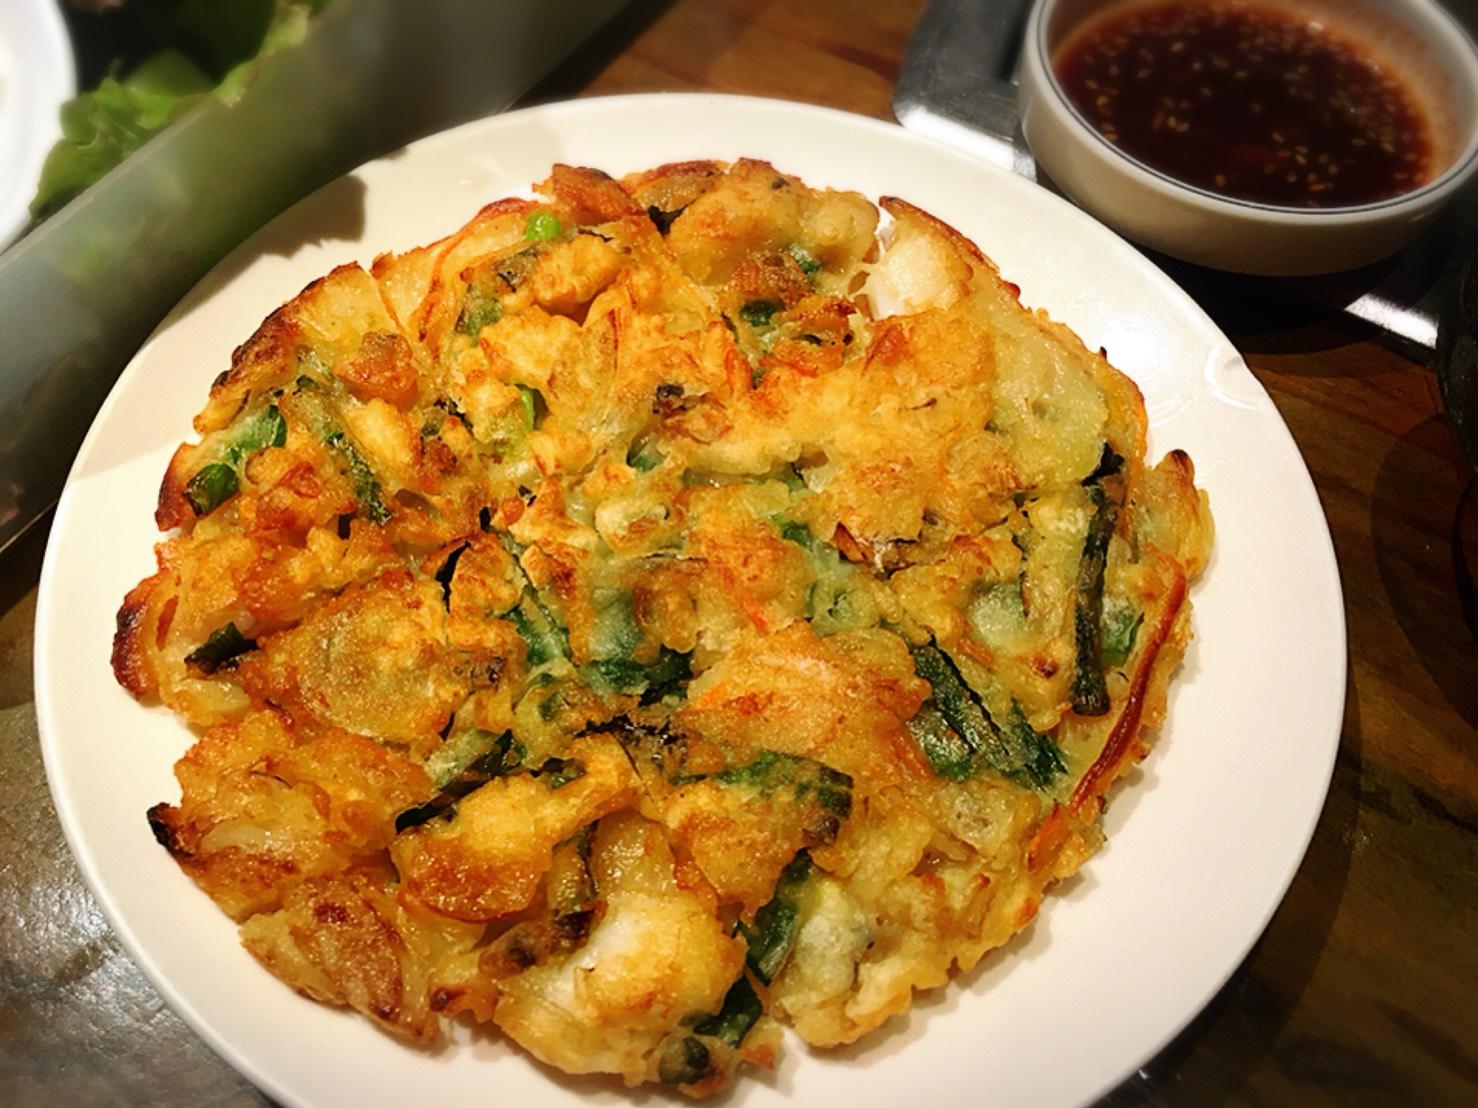 【池袋駅】あの韓国の有名人がきたことで有名!連日女の子たちで賑わう「ハヌリ 池袋」の海鮮チヂミ(小)